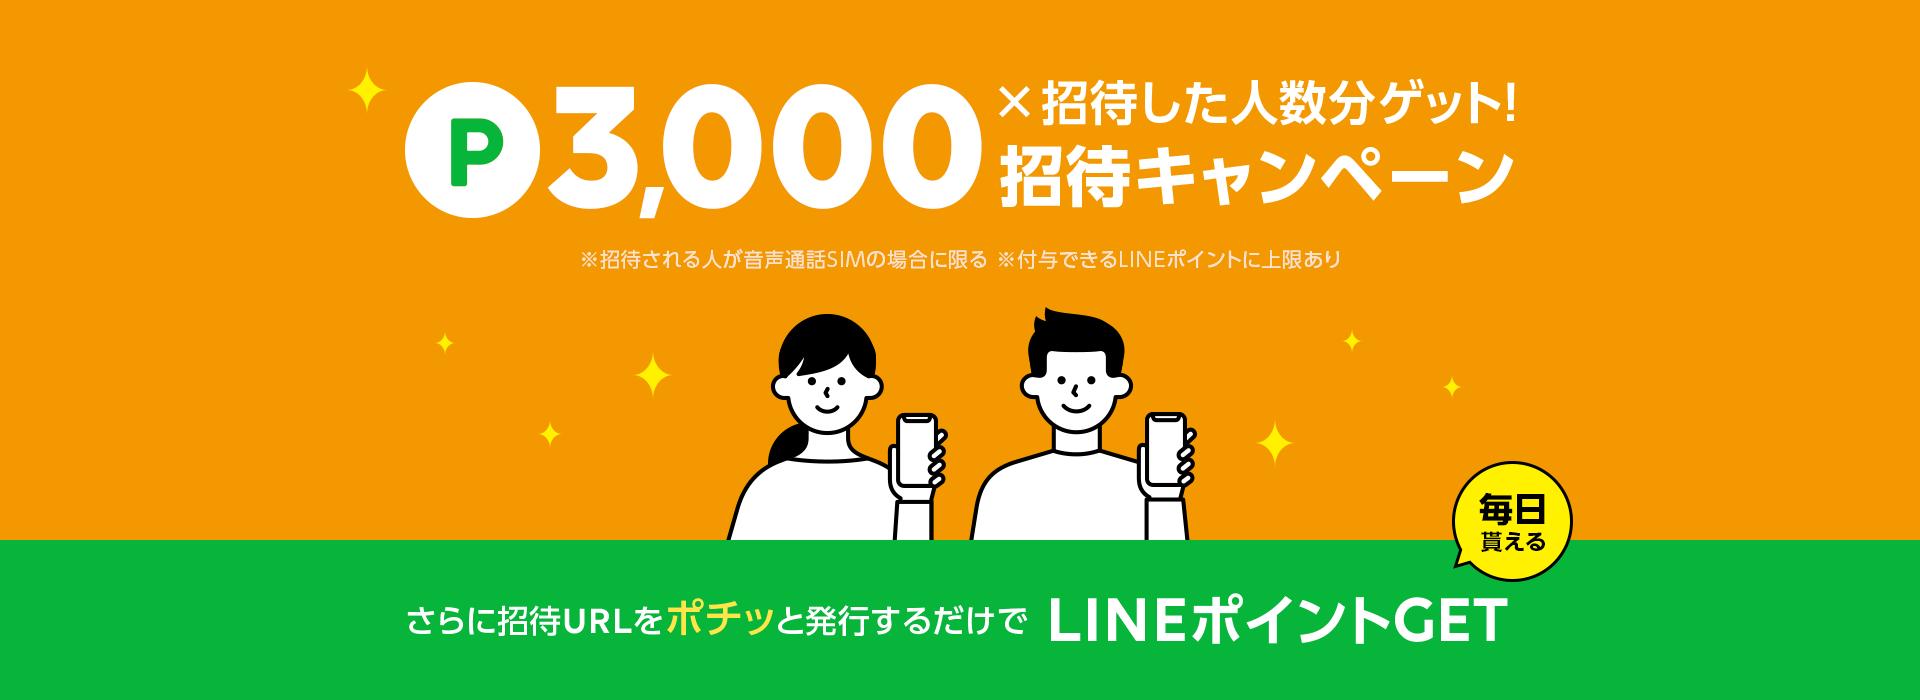 LINEポイント3,000ポイント×招待した人数分ゲット!招待キャンペーン さらに招待URLをポチッと発行するだけで毎日貰えるLINEポイントGET